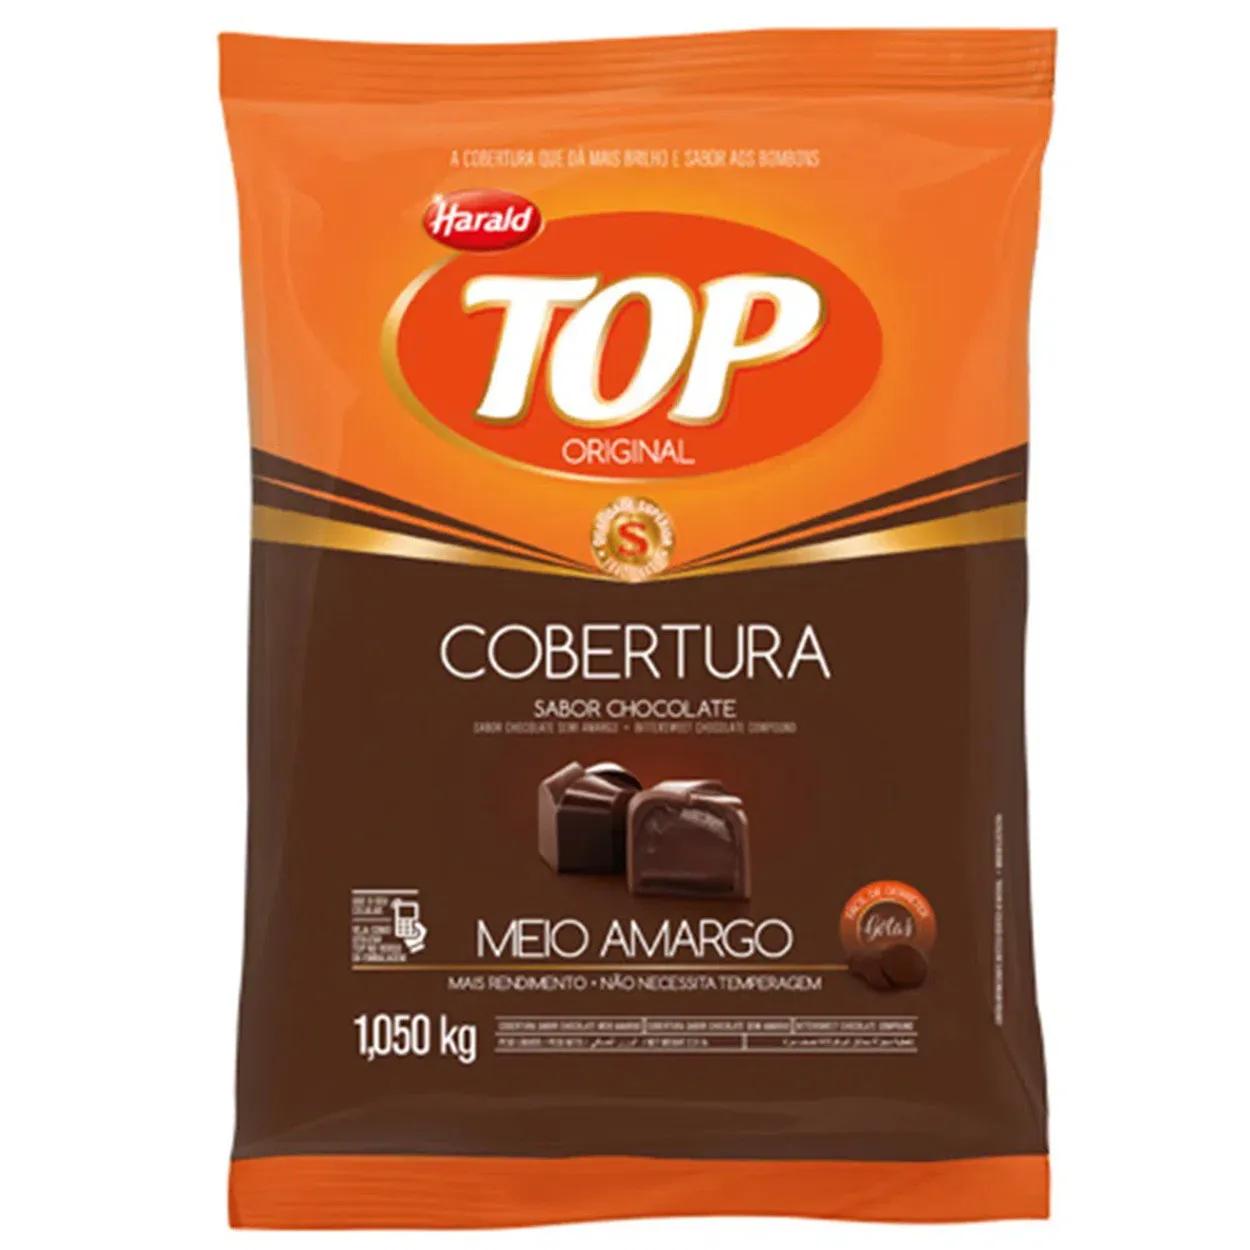 Gotas De Chocolate Fracionado Top Meio Amargo 1,05kg - Harald